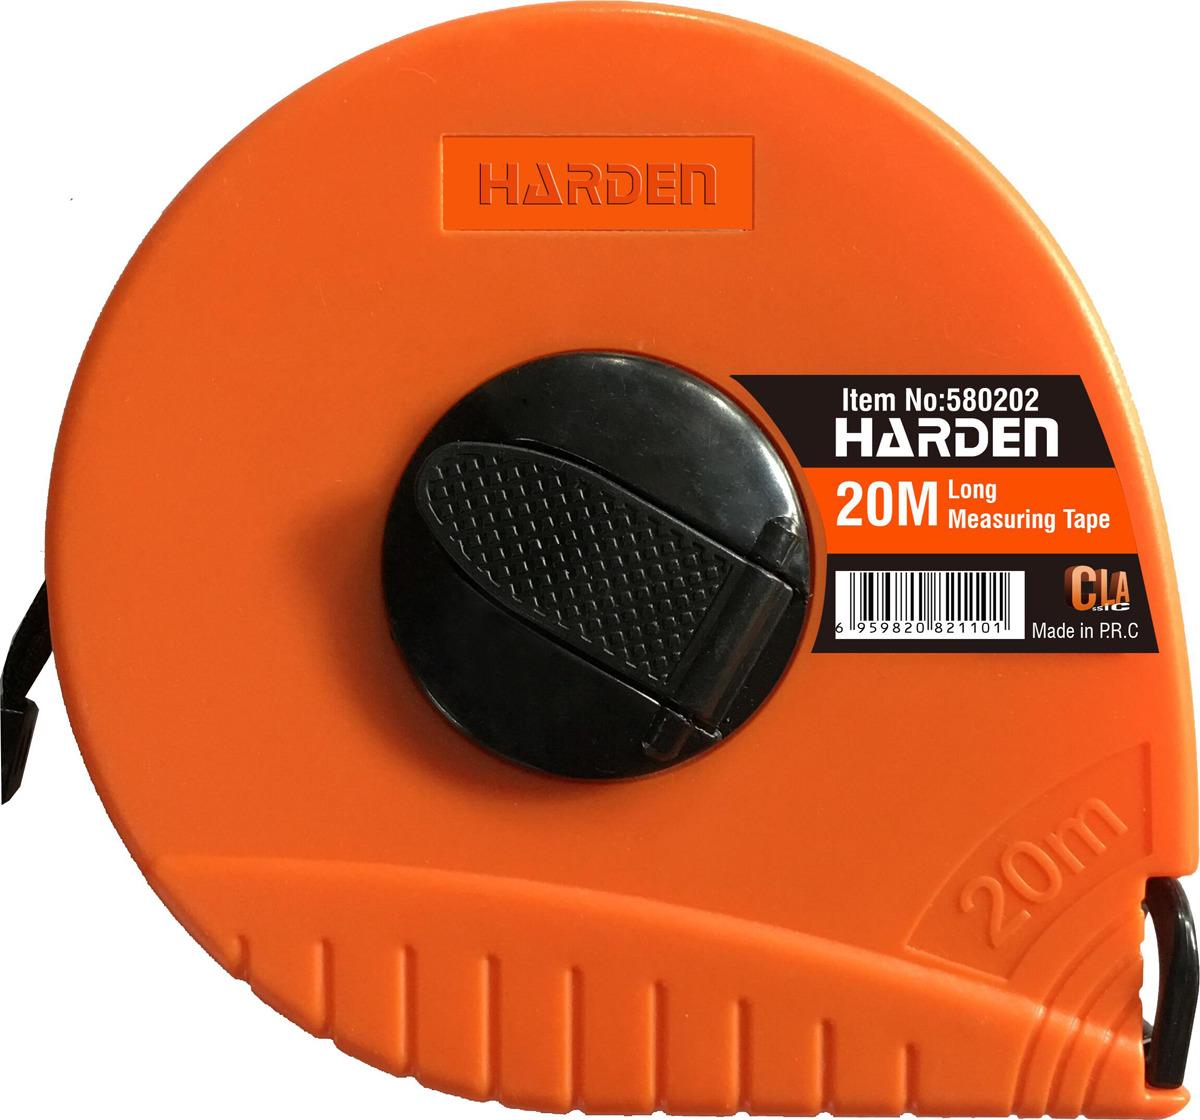 Рулетка геодезическая Harden, 580202, с фиберглассовой лентой и закрытым корпусом, 20 м рулетка harden 580036